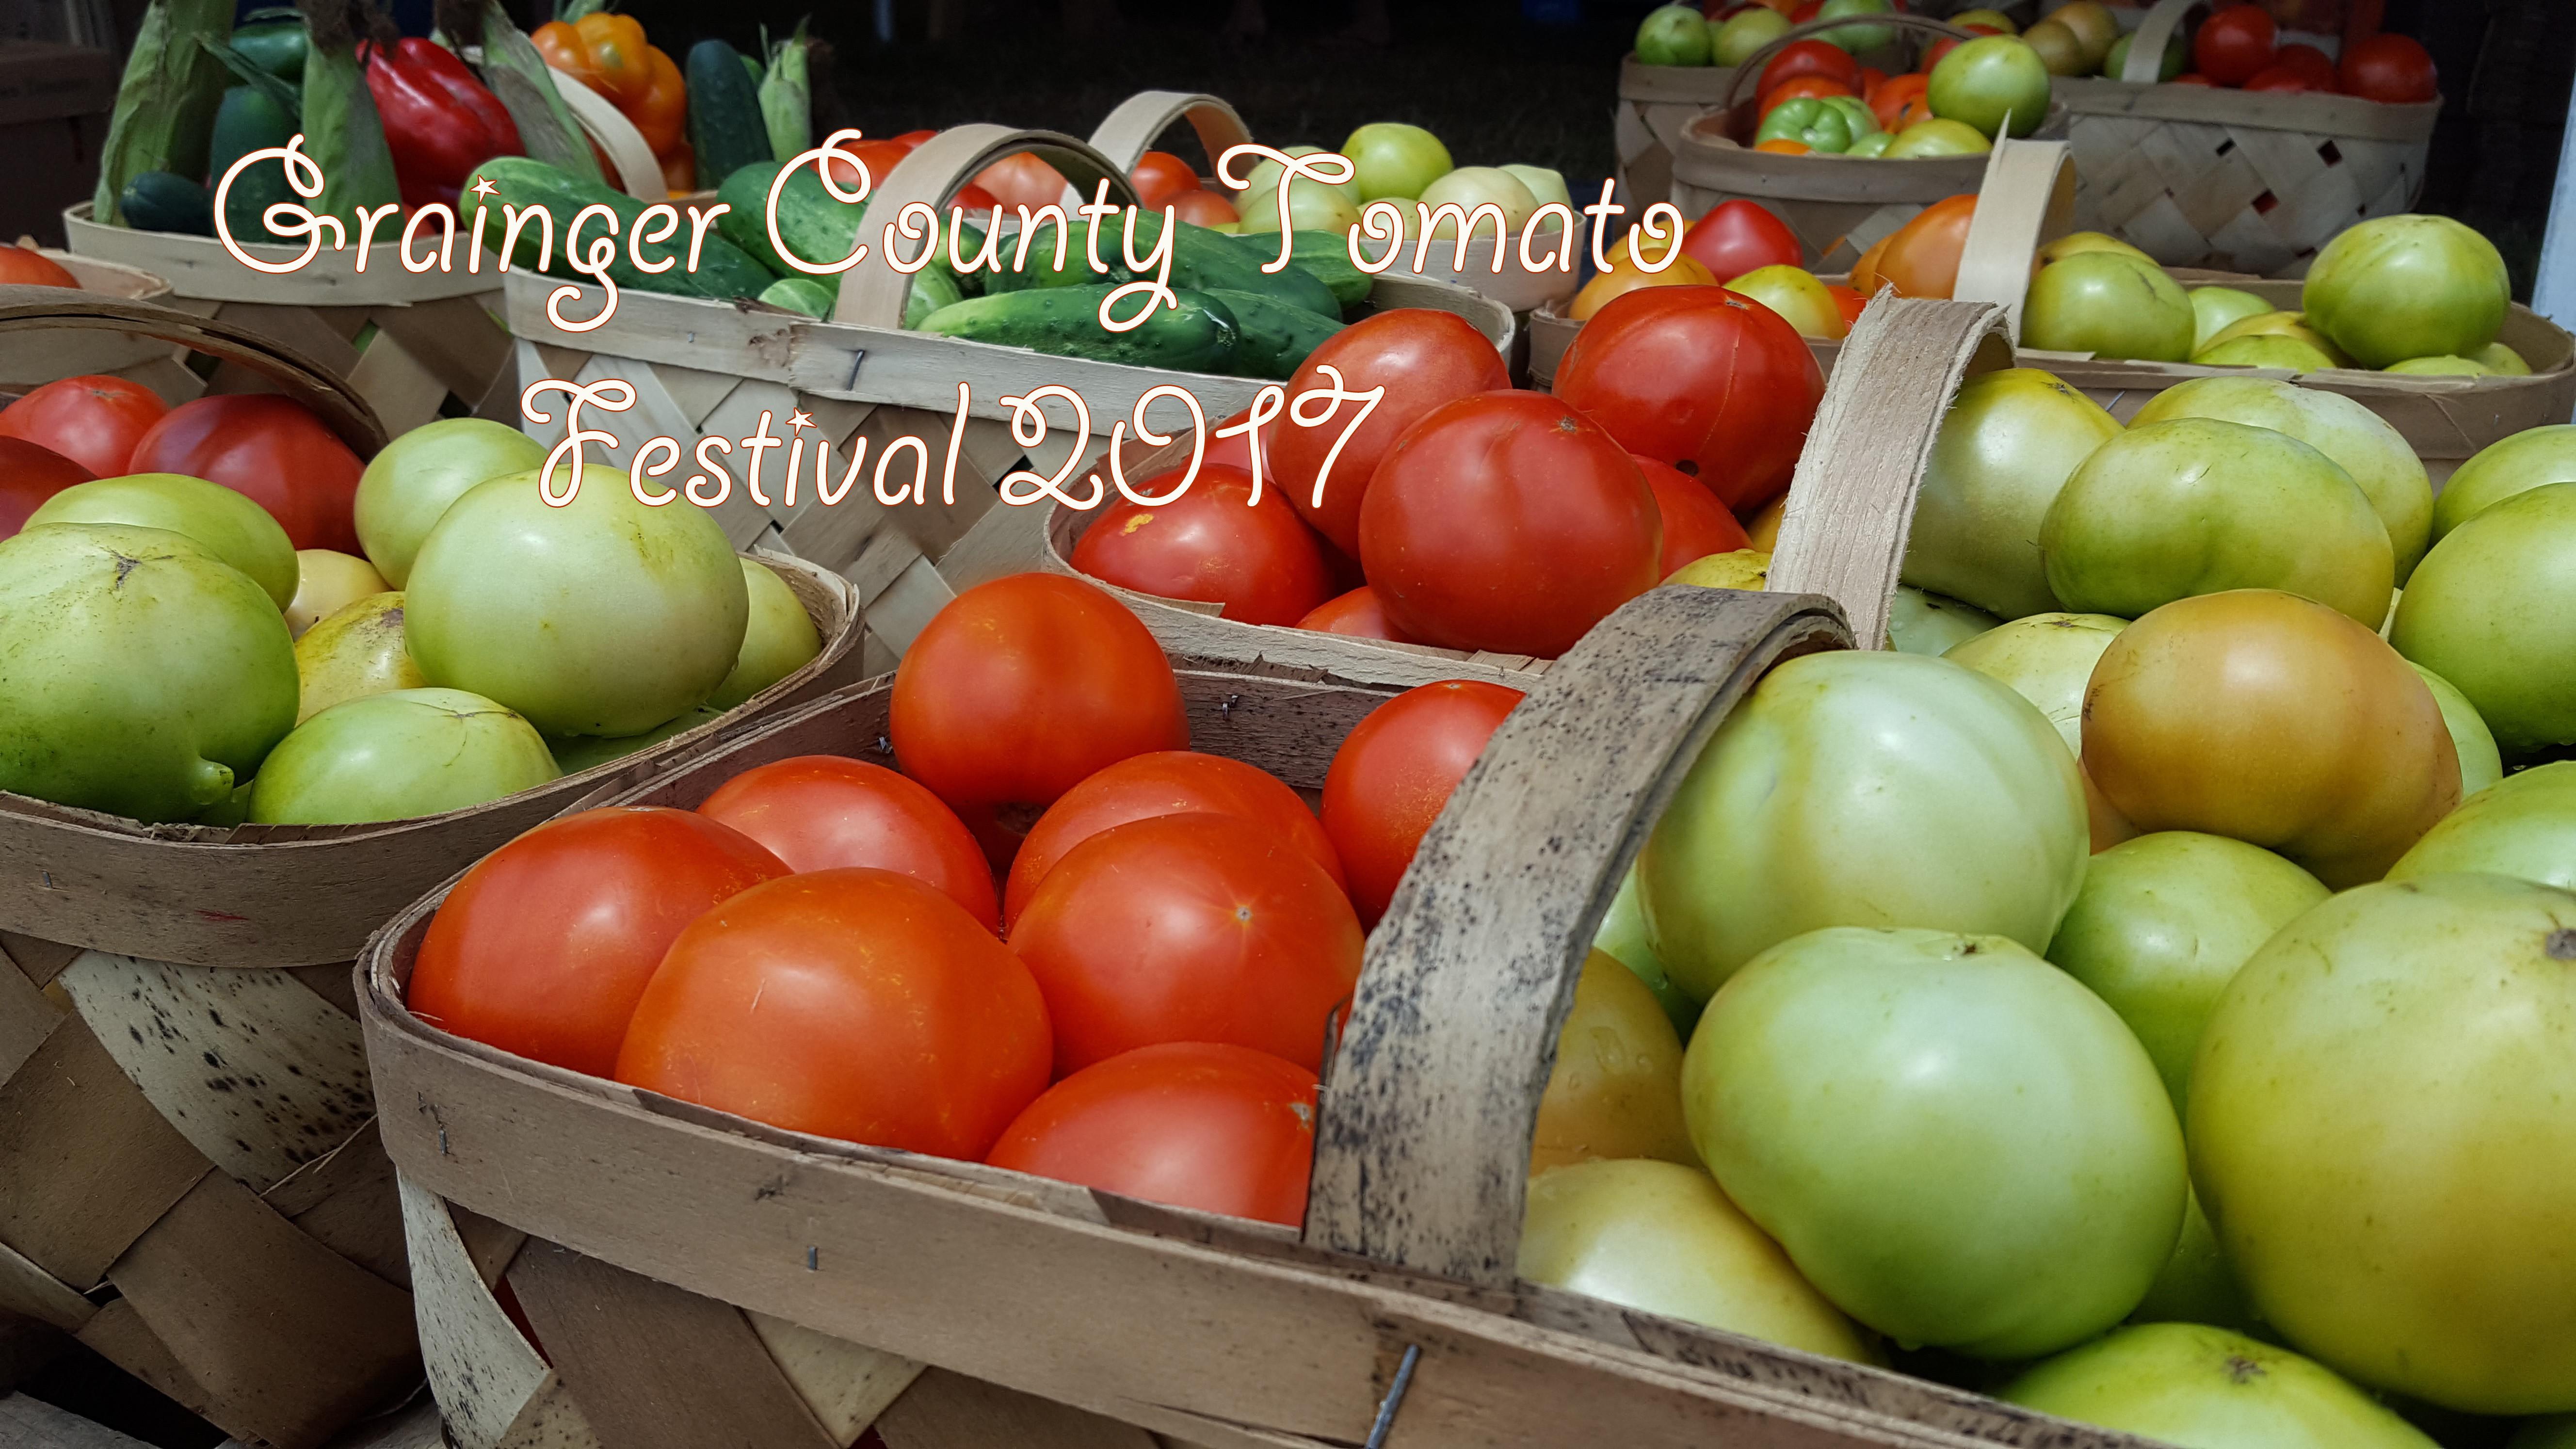 Grainger County Tomato Festival  Grainger County Tomato Festival 2017